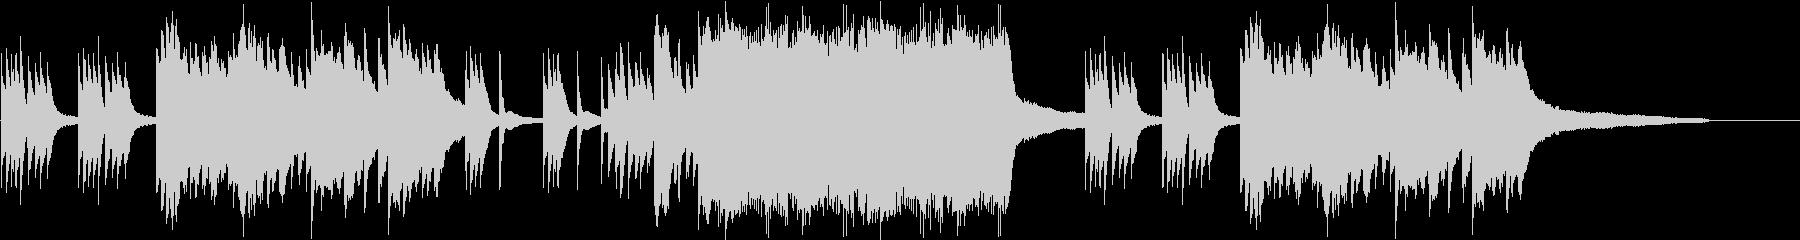 切ないゲームなどに合いそうなピアノ曲3の未再生の波形